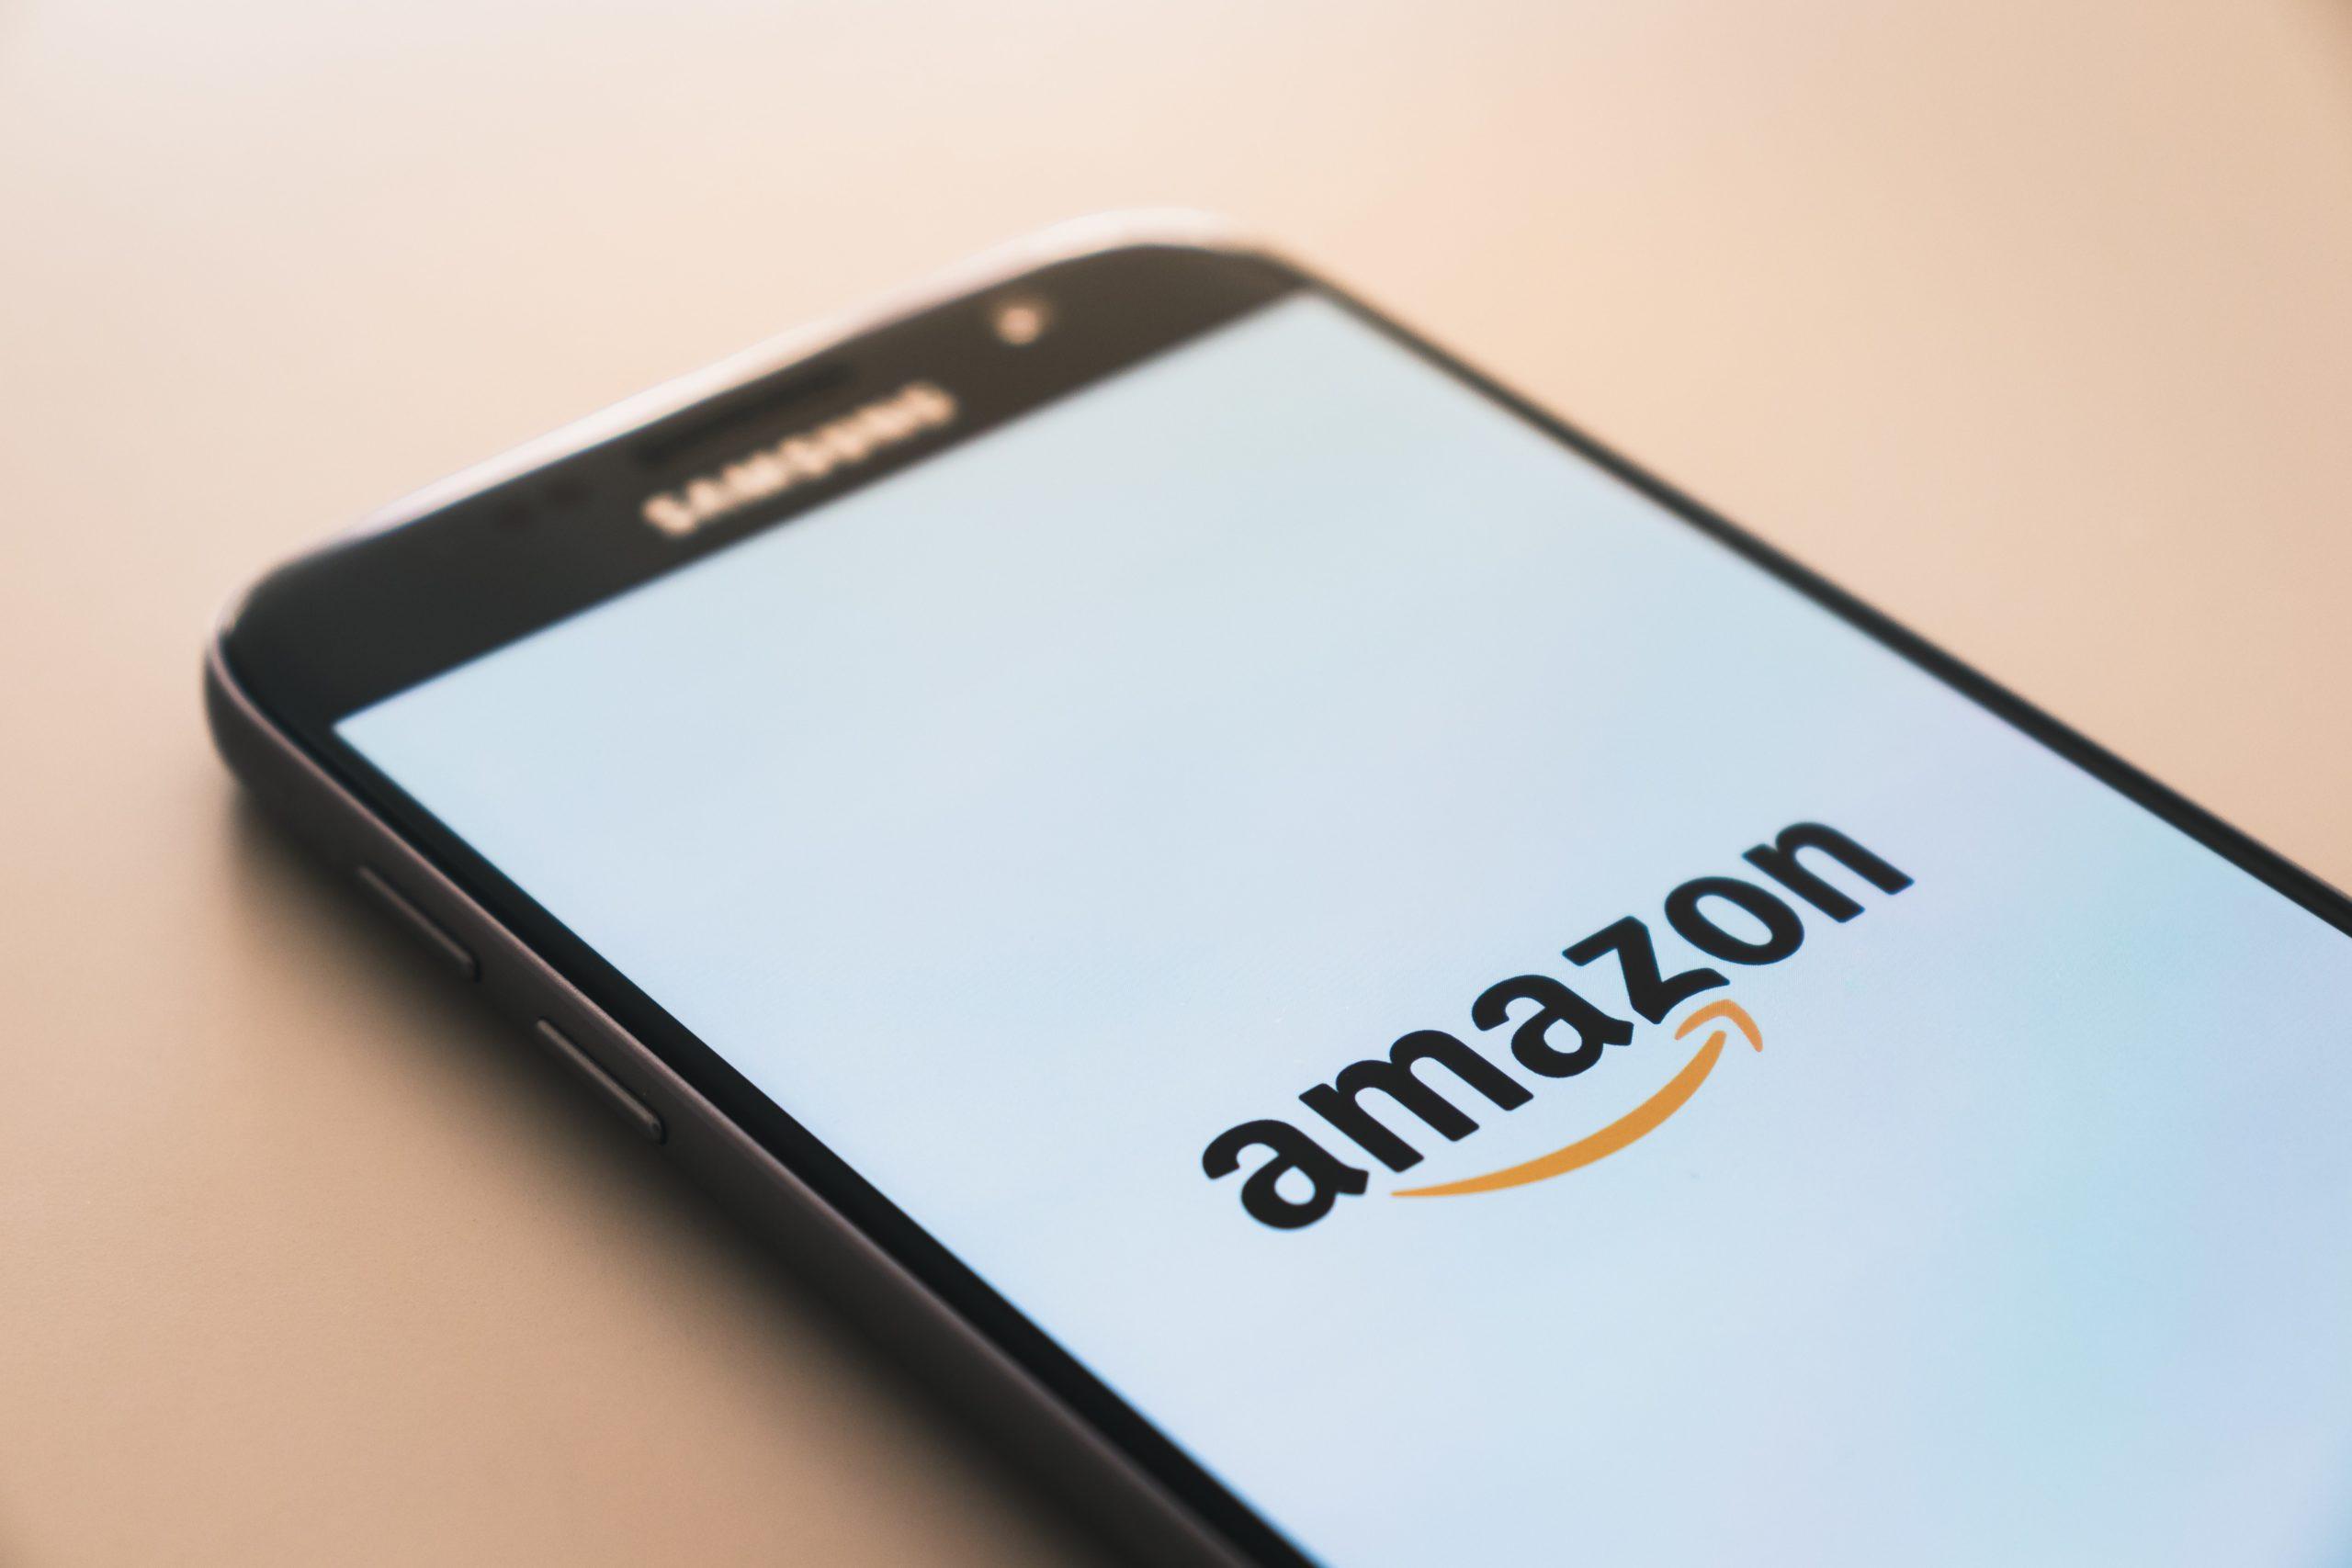 Amazonでのアフィリエイト収入は非効率